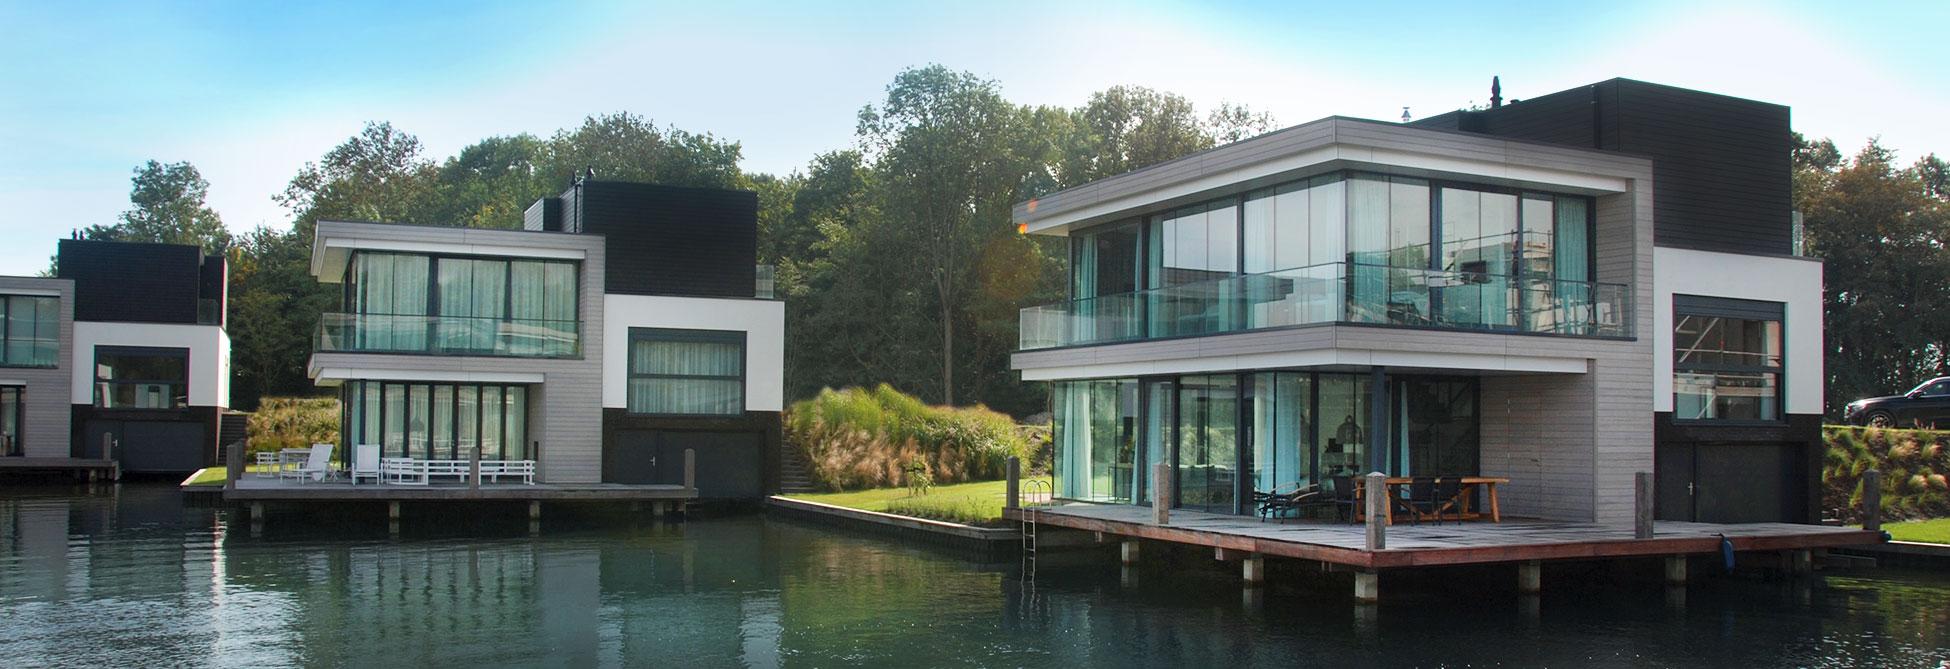 Een vakantie huis in zeeland harbour village for Huizen te koop zeeland